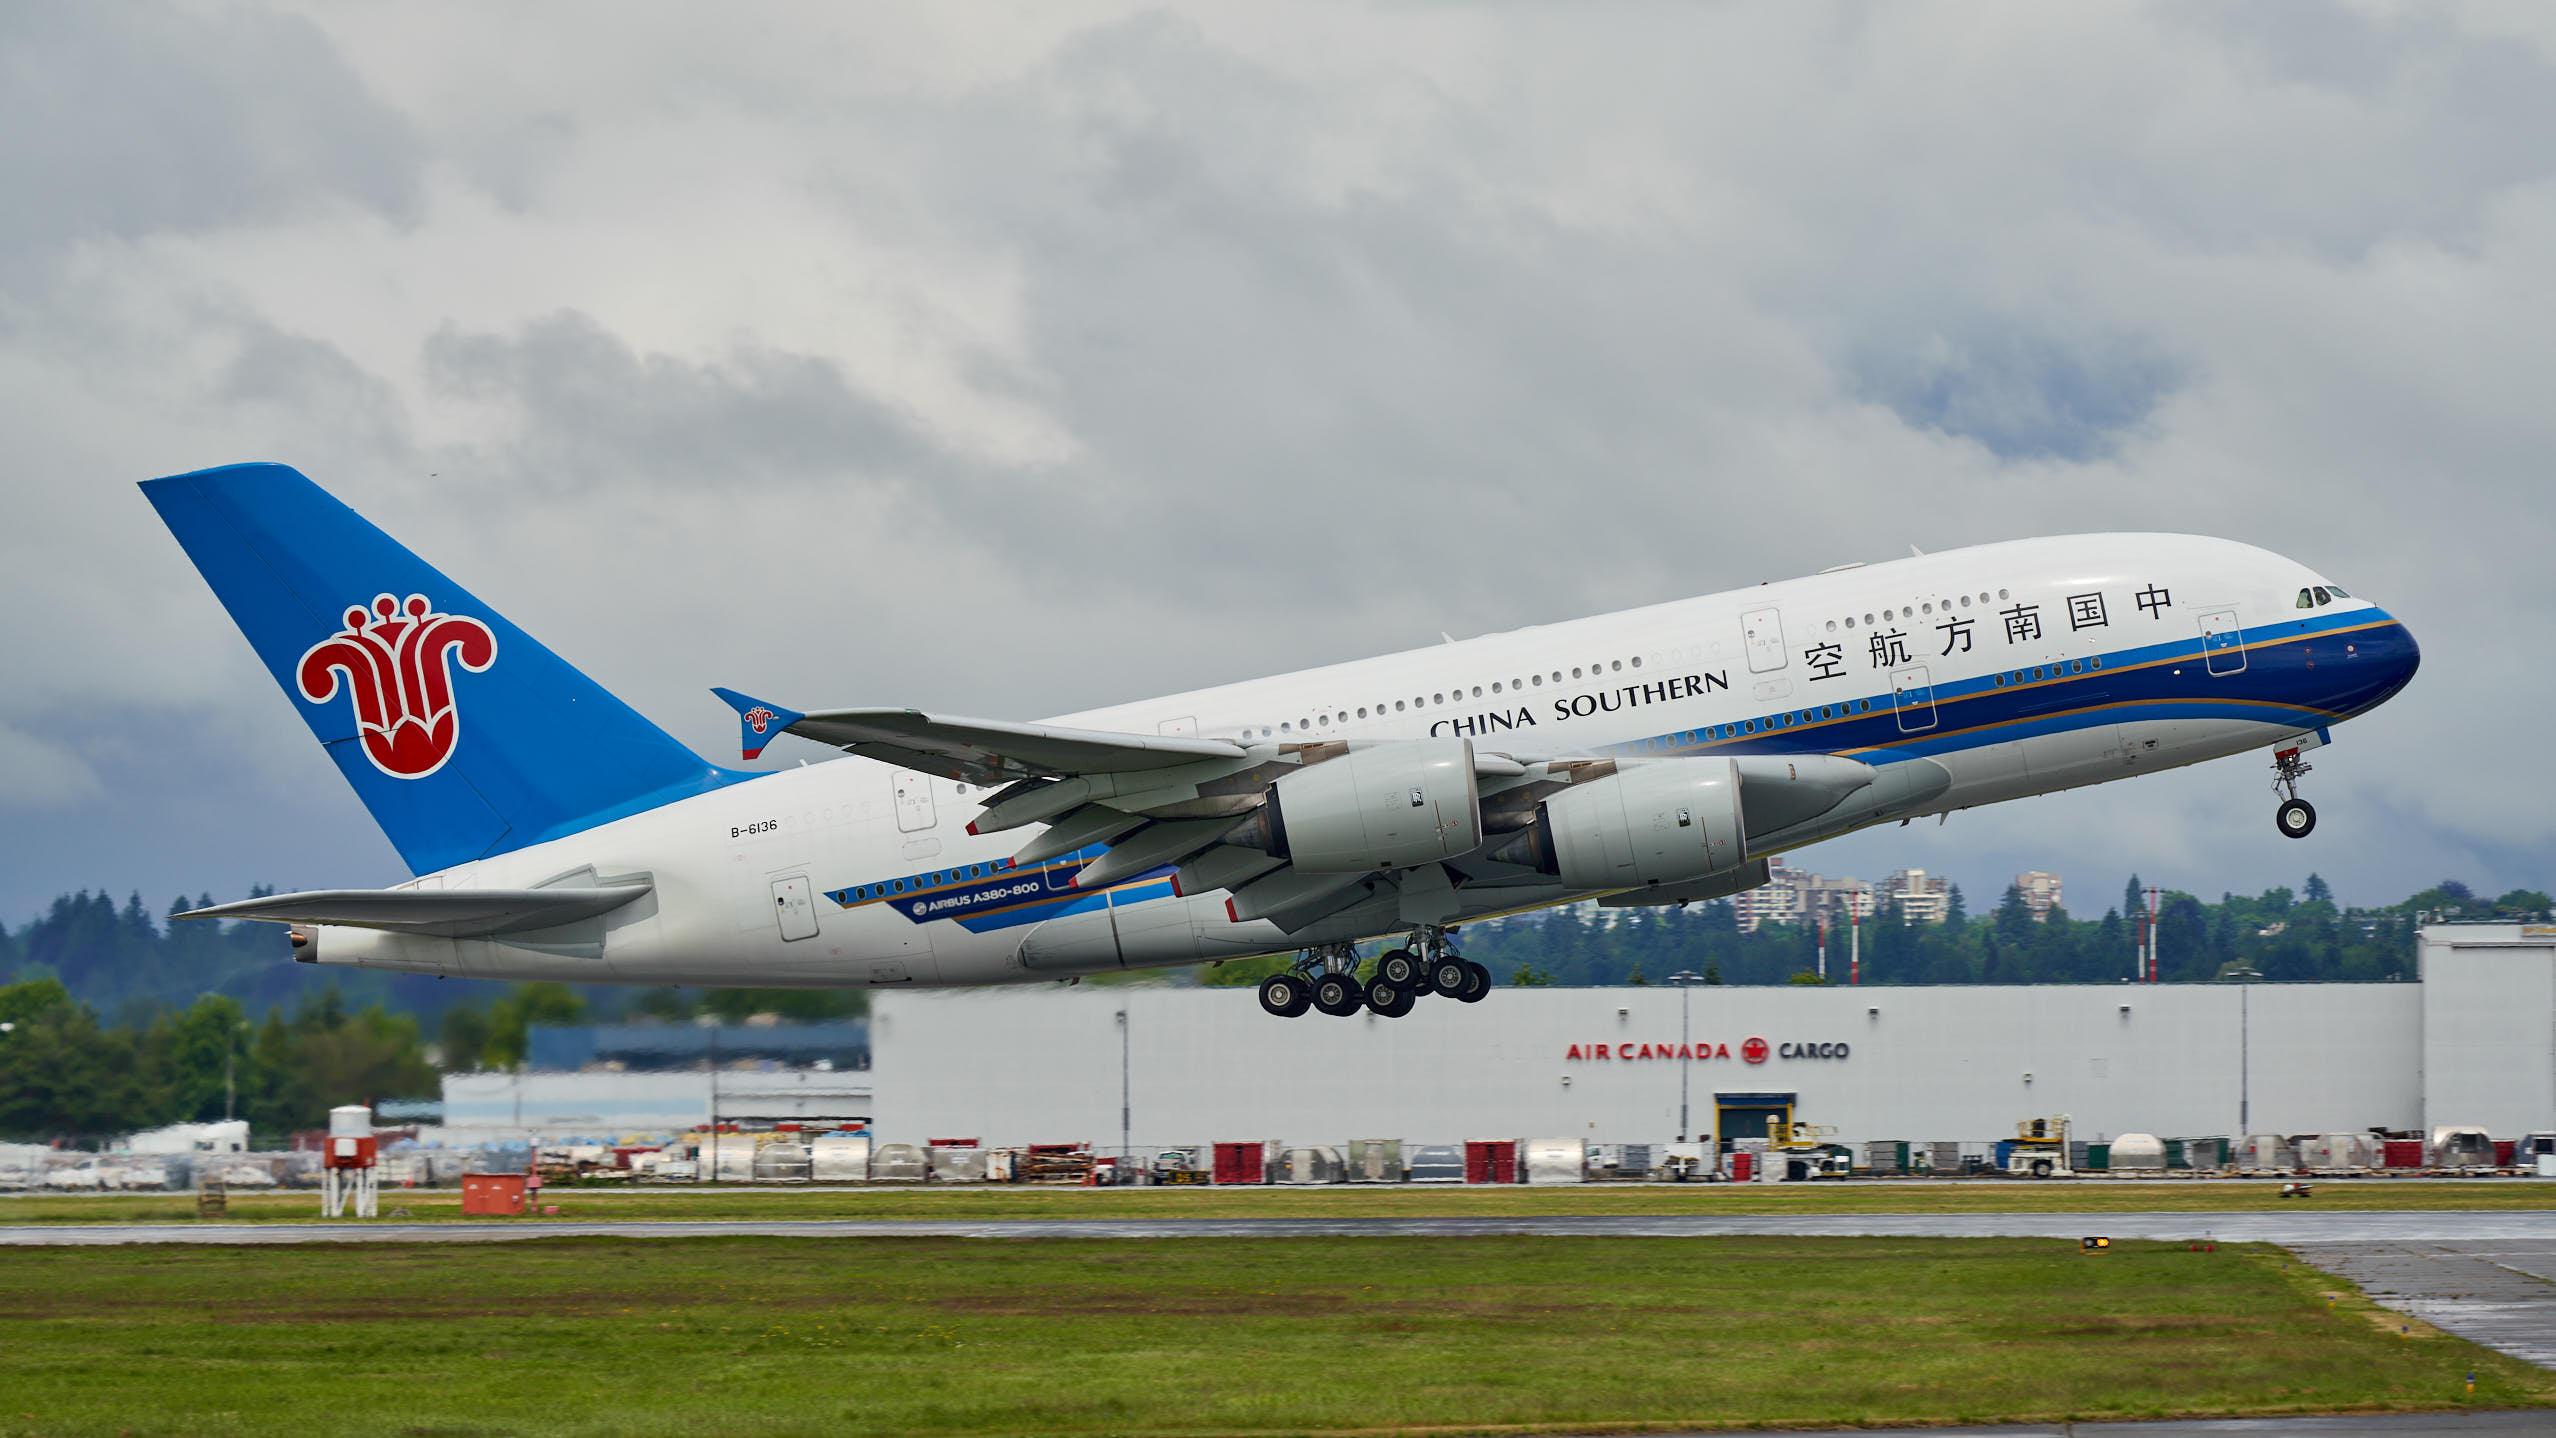 China Southern: A380-800 (Part II)